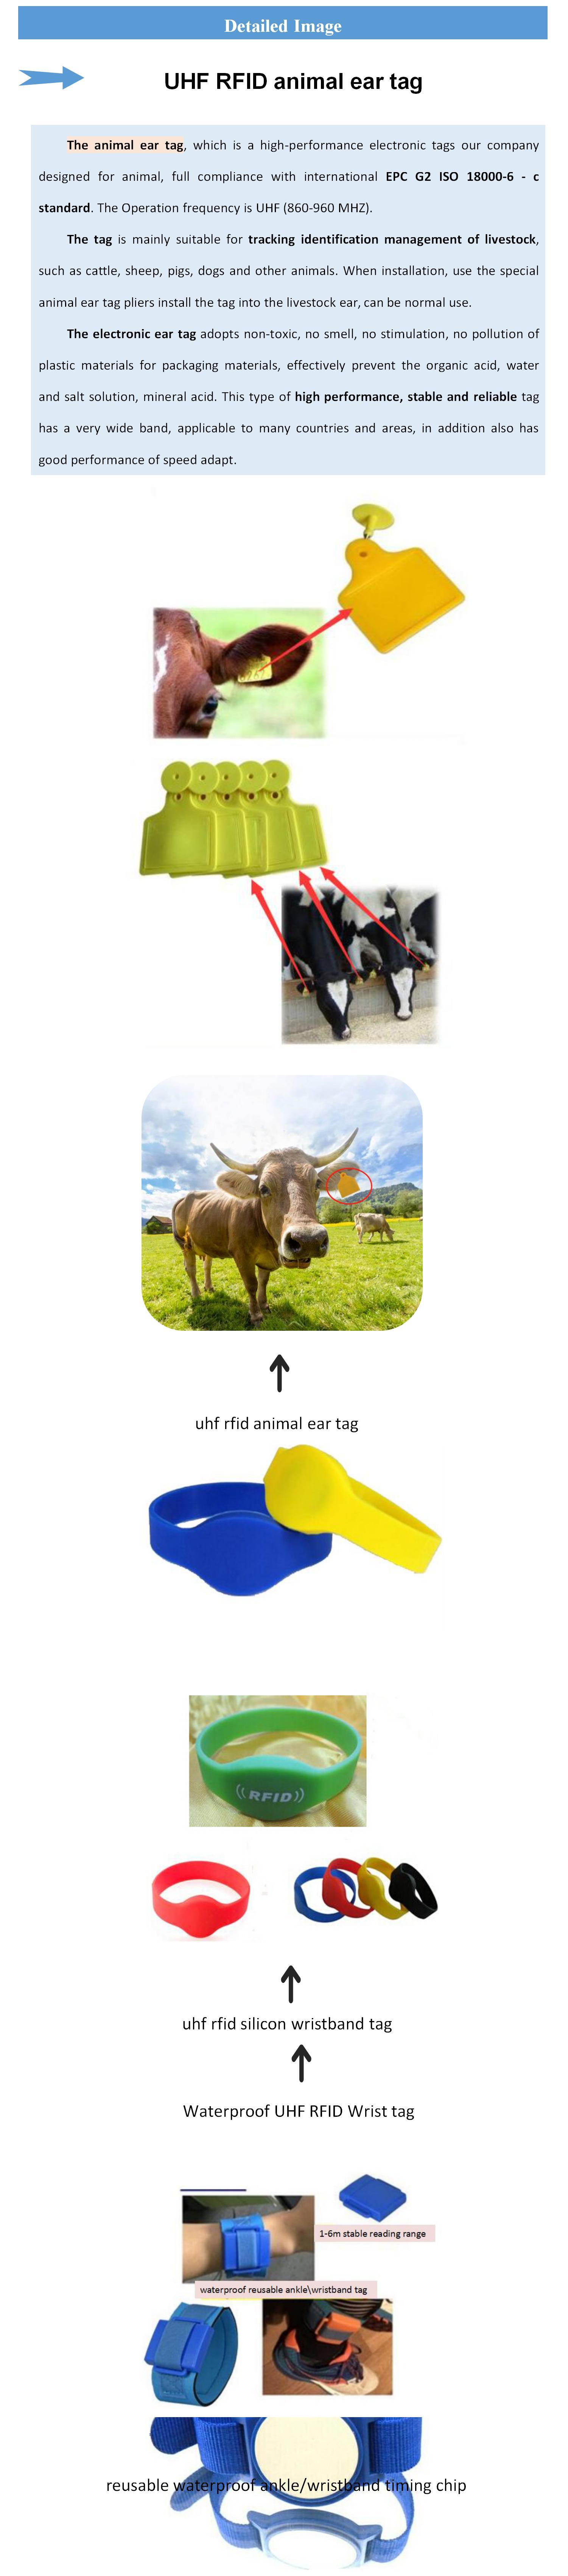 Livraison gratuite étiquette animale échantillon Gen2 UHF RFID Étiquette D'oreille 865-868 mhz longue portée d'identification du bétail moutons bovins suivi